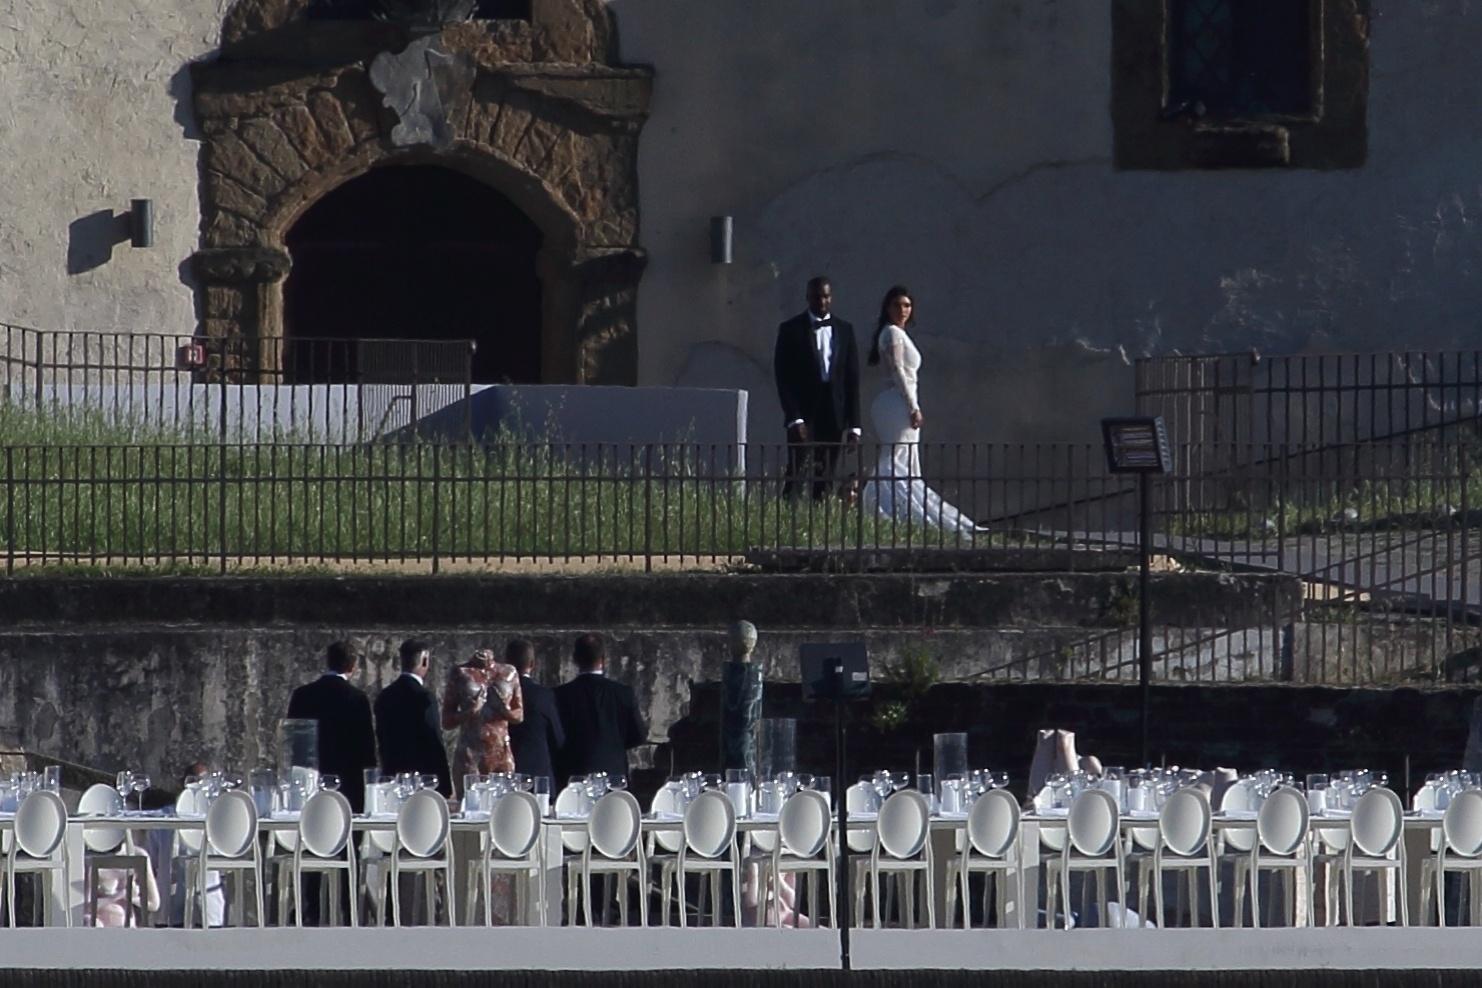 24.mai.2014 - Kim Kardashian e Kanye West se casam no Forte di Belvedere, em Florença. A estrela de reality show norte-americana mudou seu nome para Kim Kardashian West